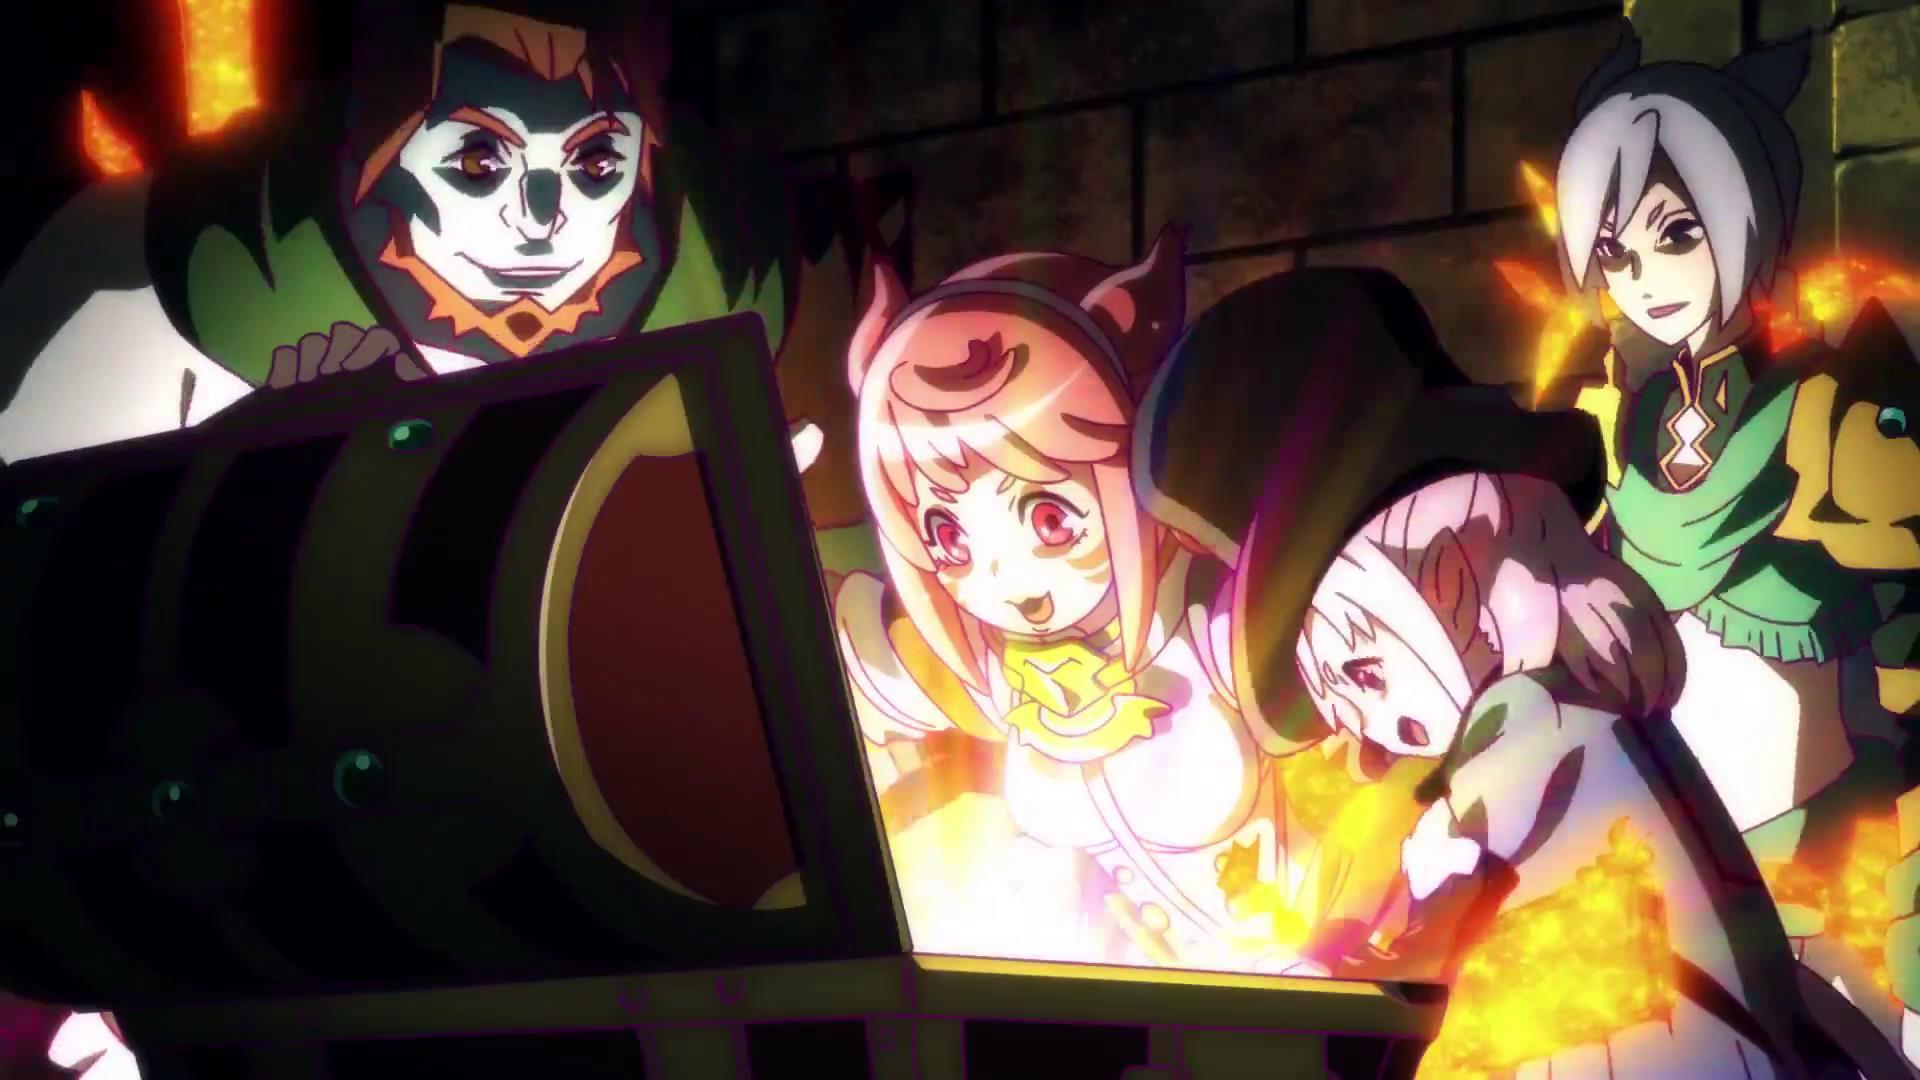 游戏《最终幻想XIV: 漆黑的叛逆者》宣传用动画公开